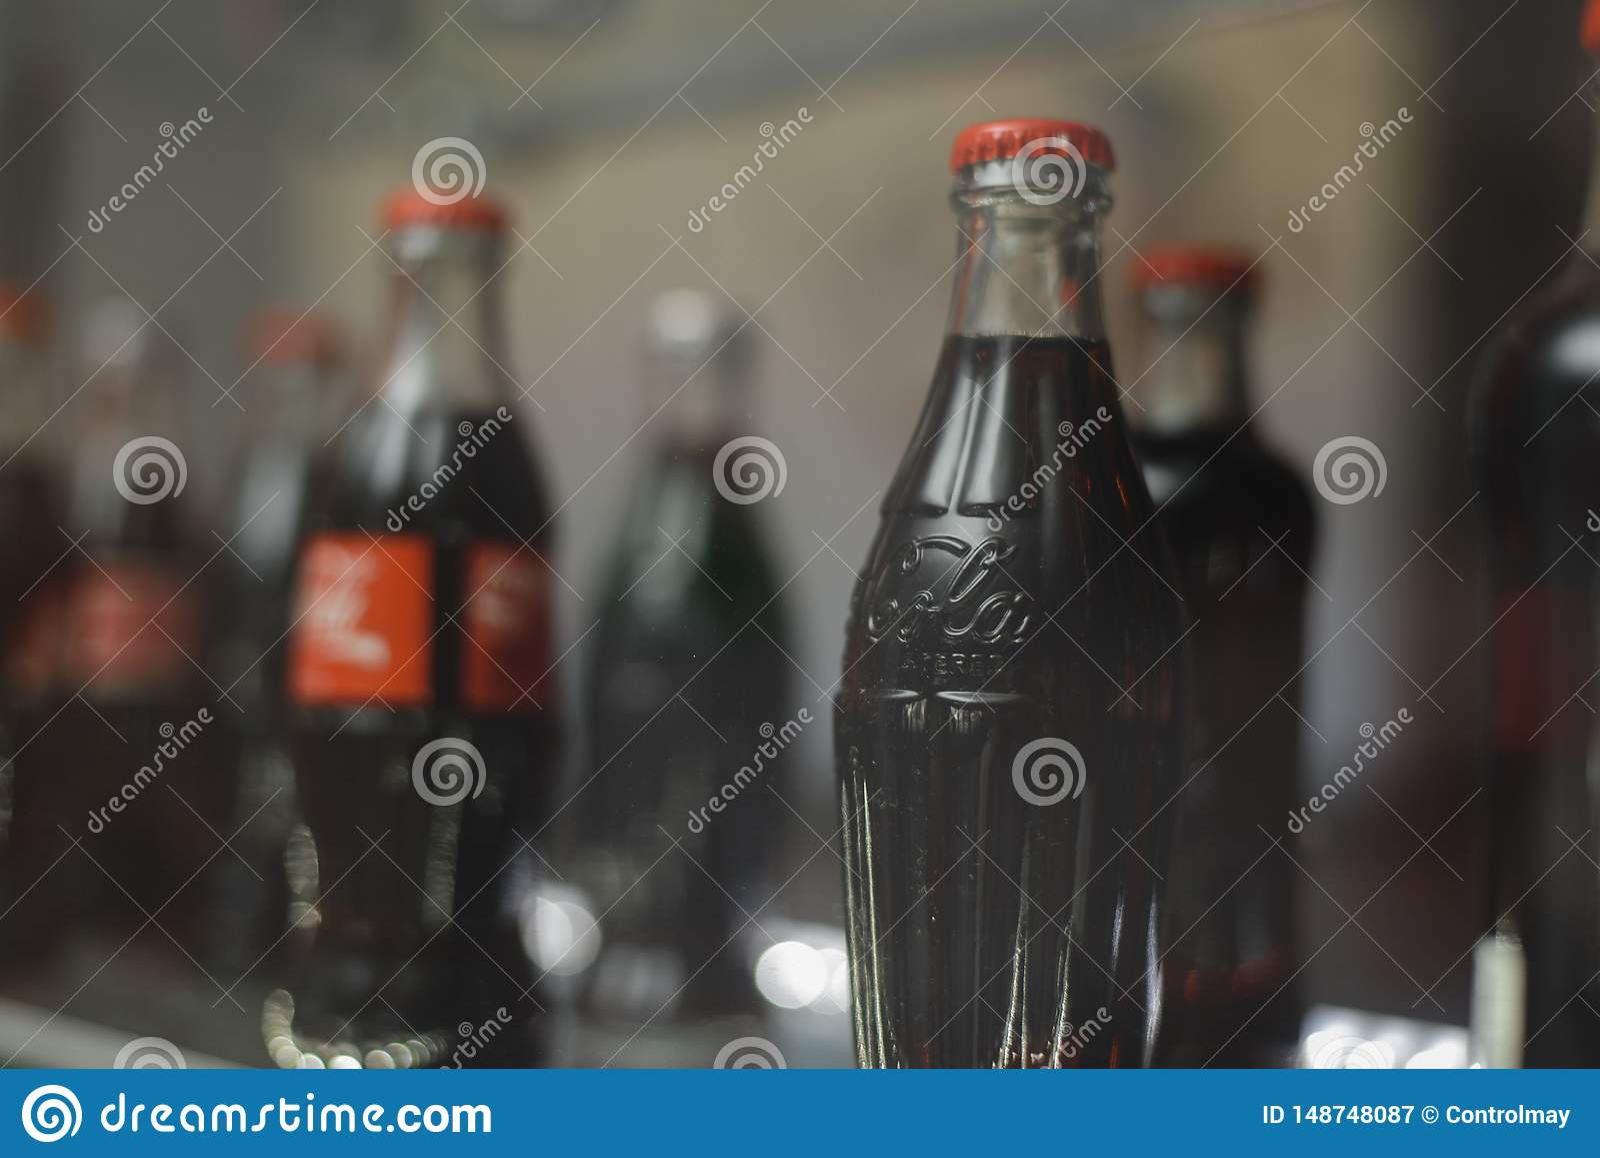 Samara Rusland 04 30 2019: glasfles coca-cola achter de showcase Coca-colamuseum